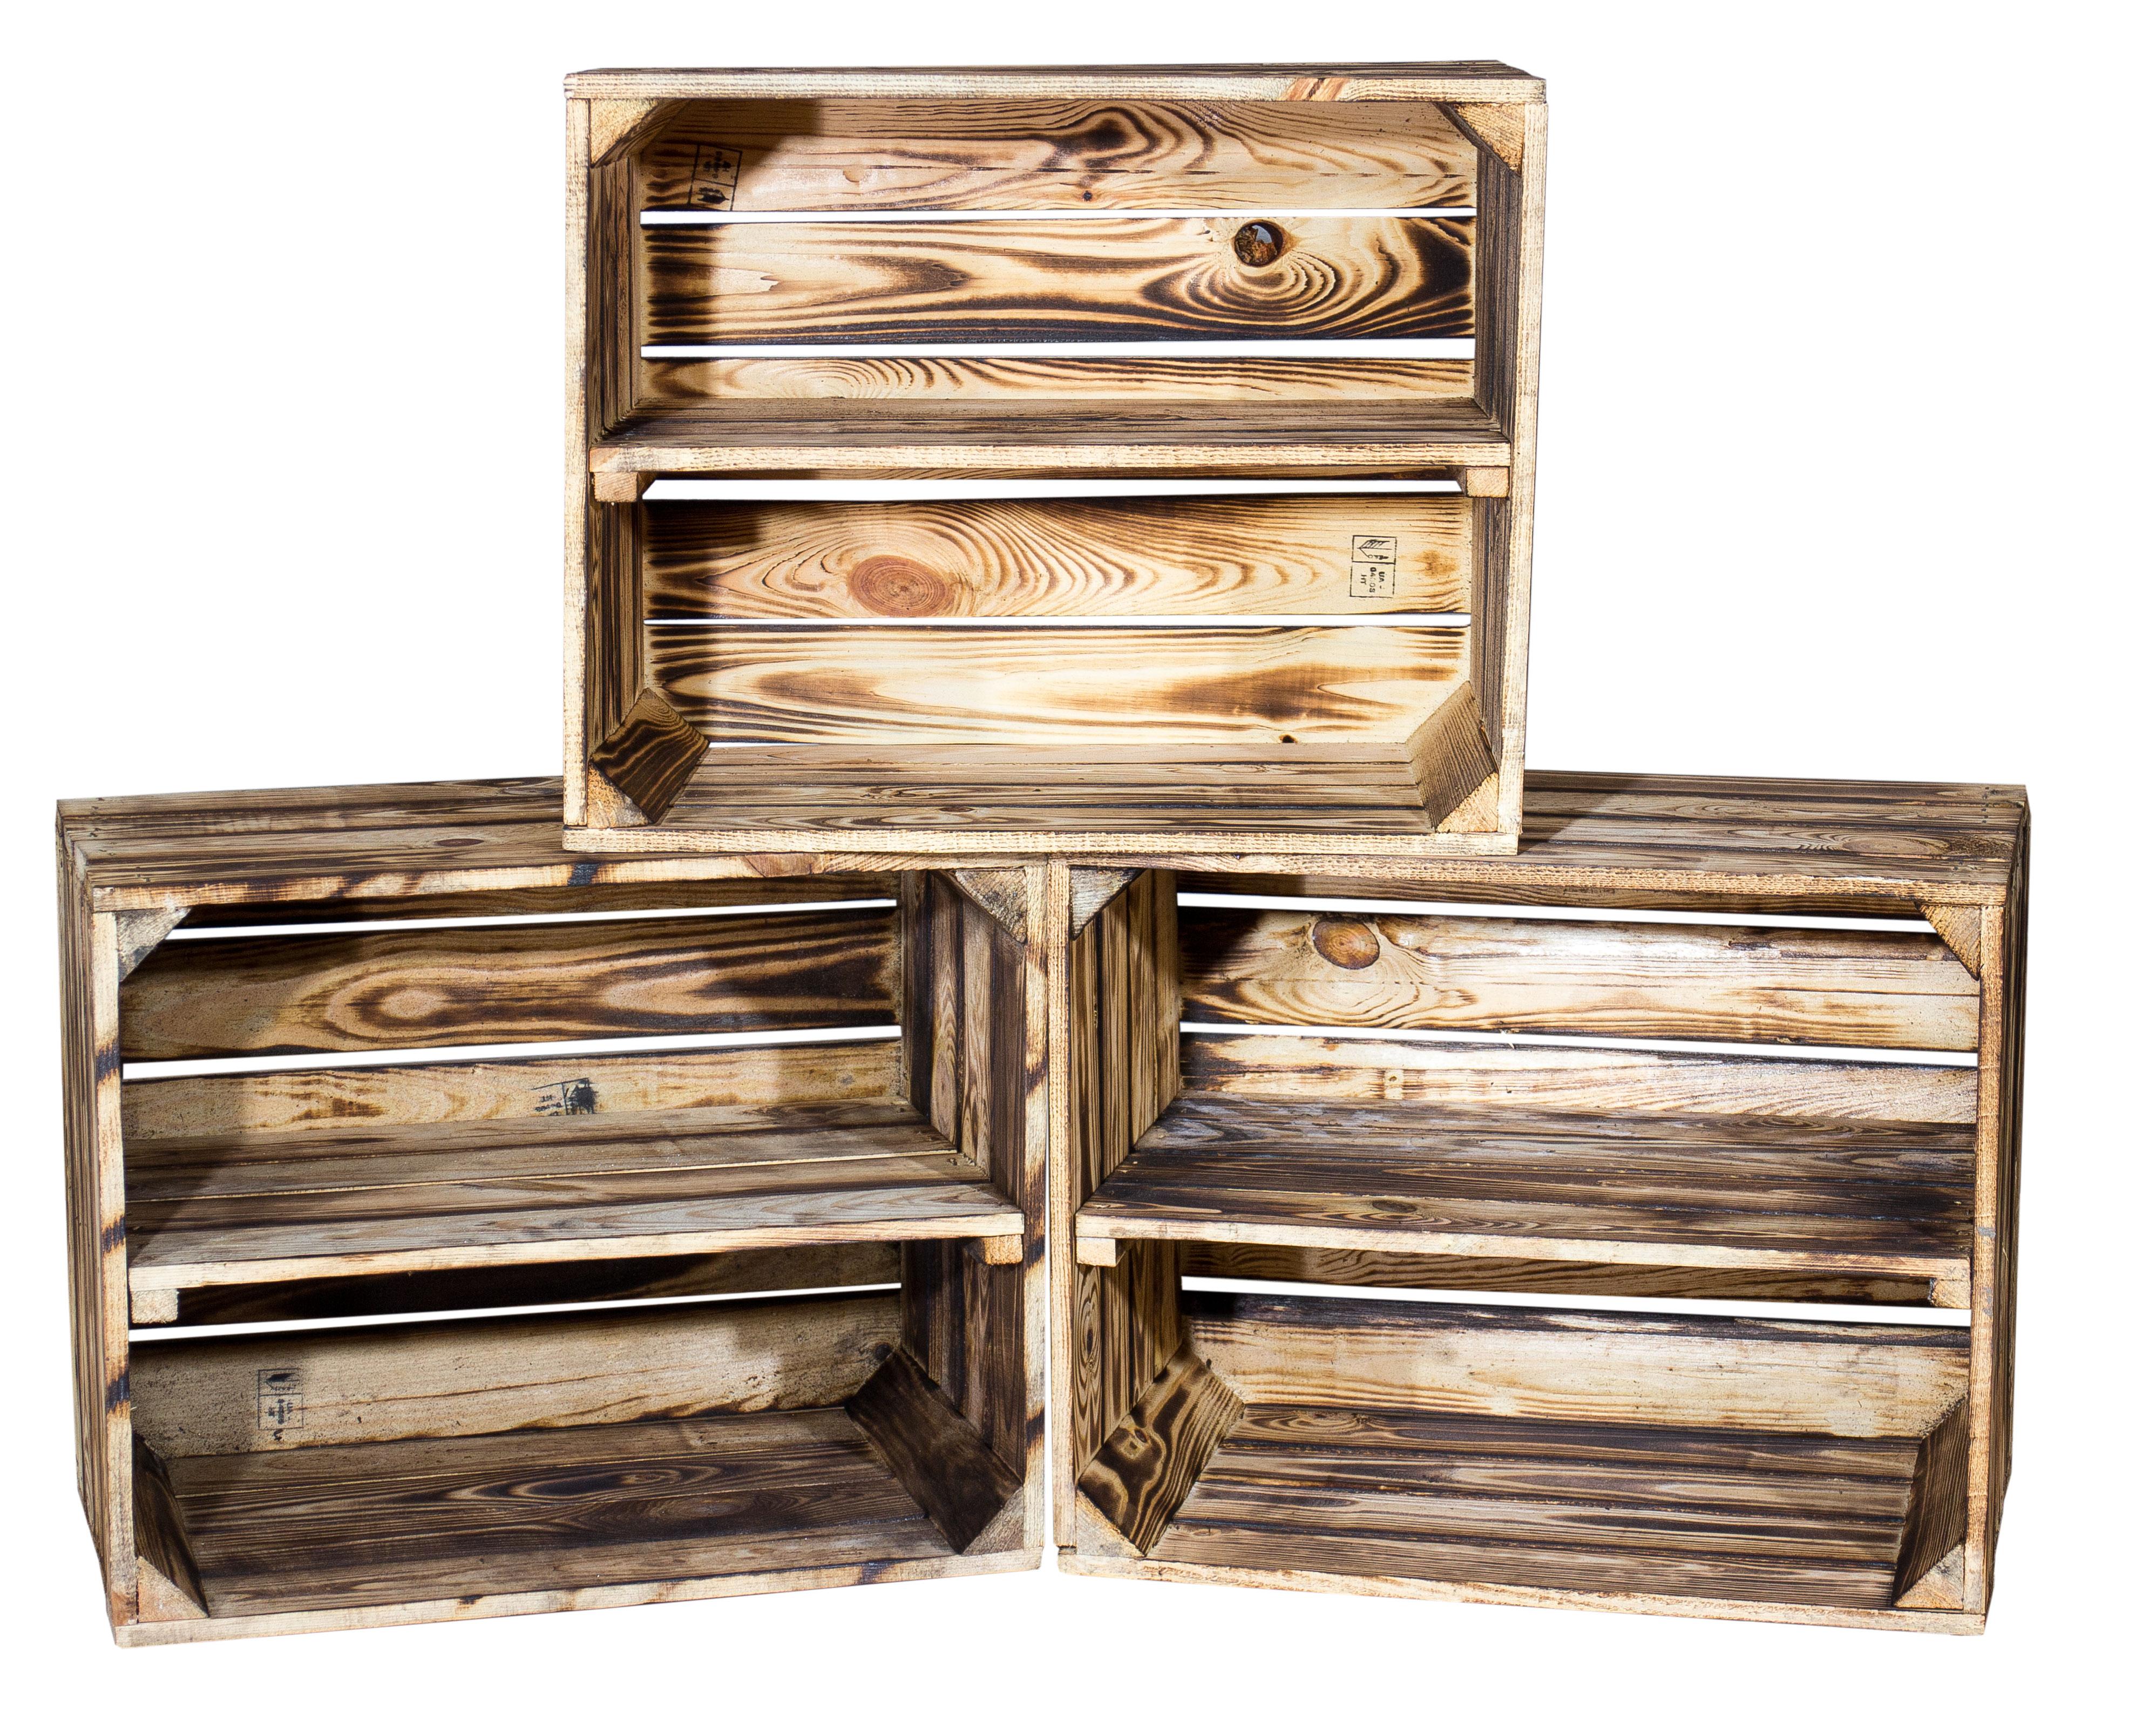 flaschenhandel giehl geflammte kiste f r schuh und b cherregal 50x40x30cm schuhgef online kaufen. Black Bedroom Furniture Sets. Home Design Ideas